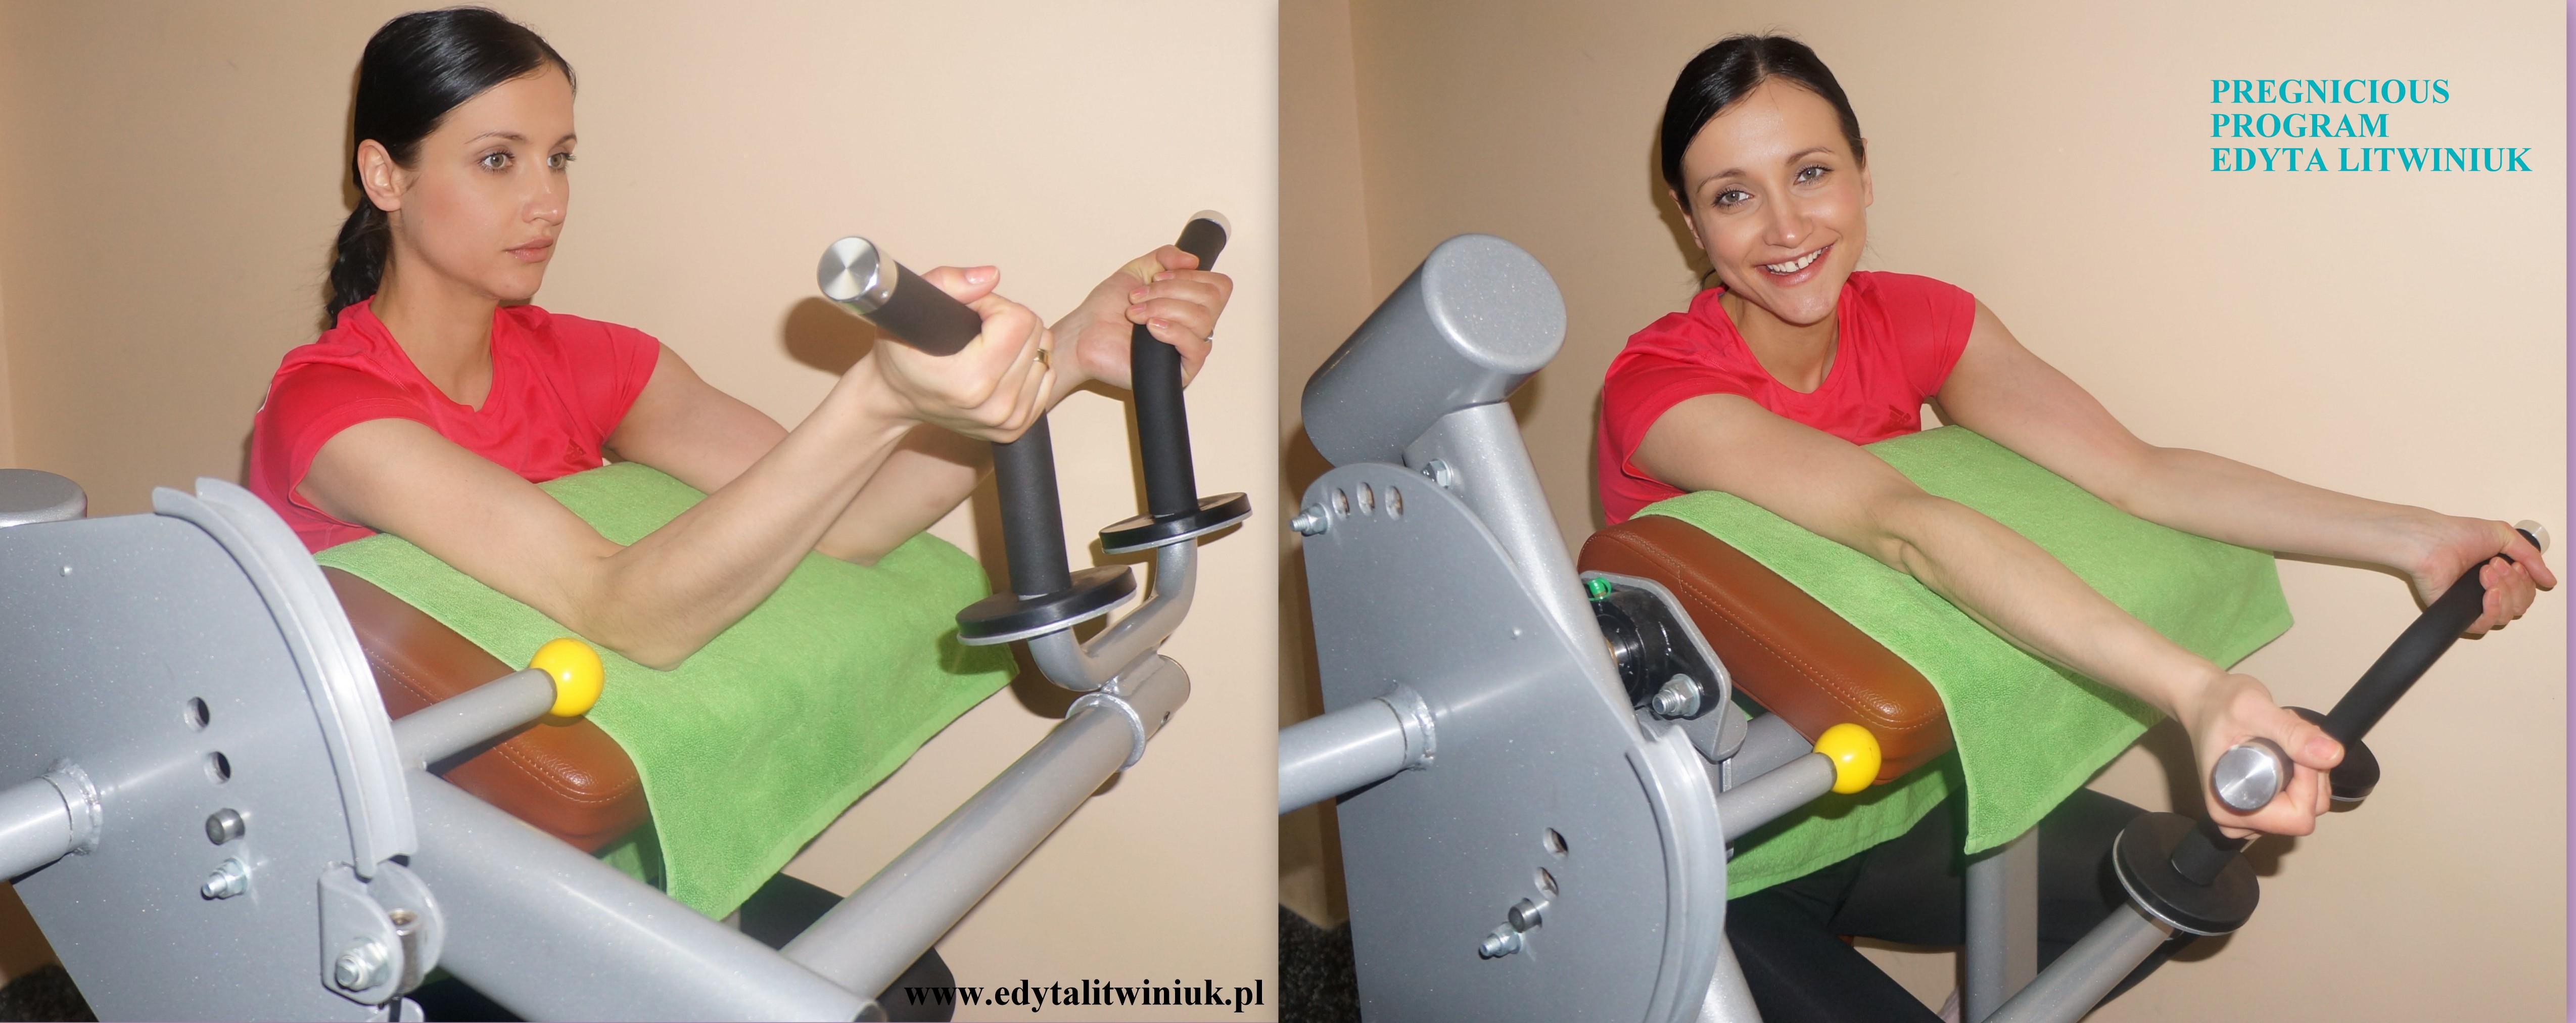 Jakie ćwiczenia na siłowni zeby schudnąć